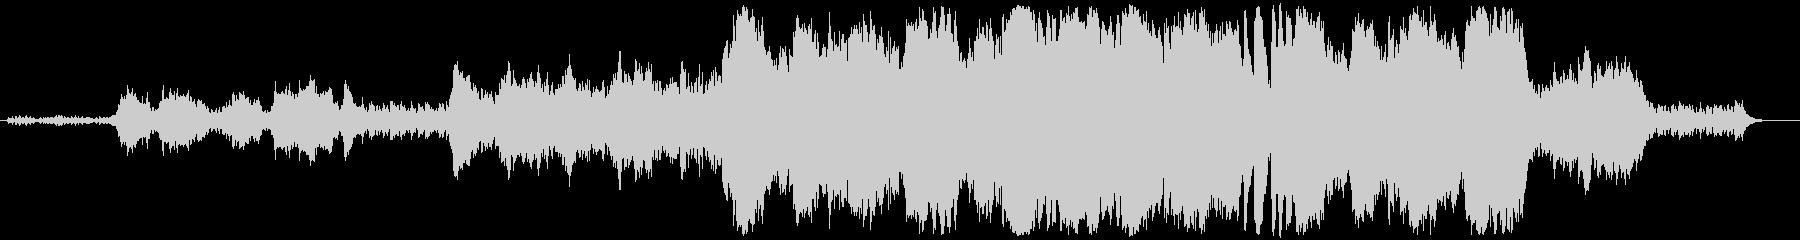 緊迫感のあるフルオーケストラBGMの未再生の波形